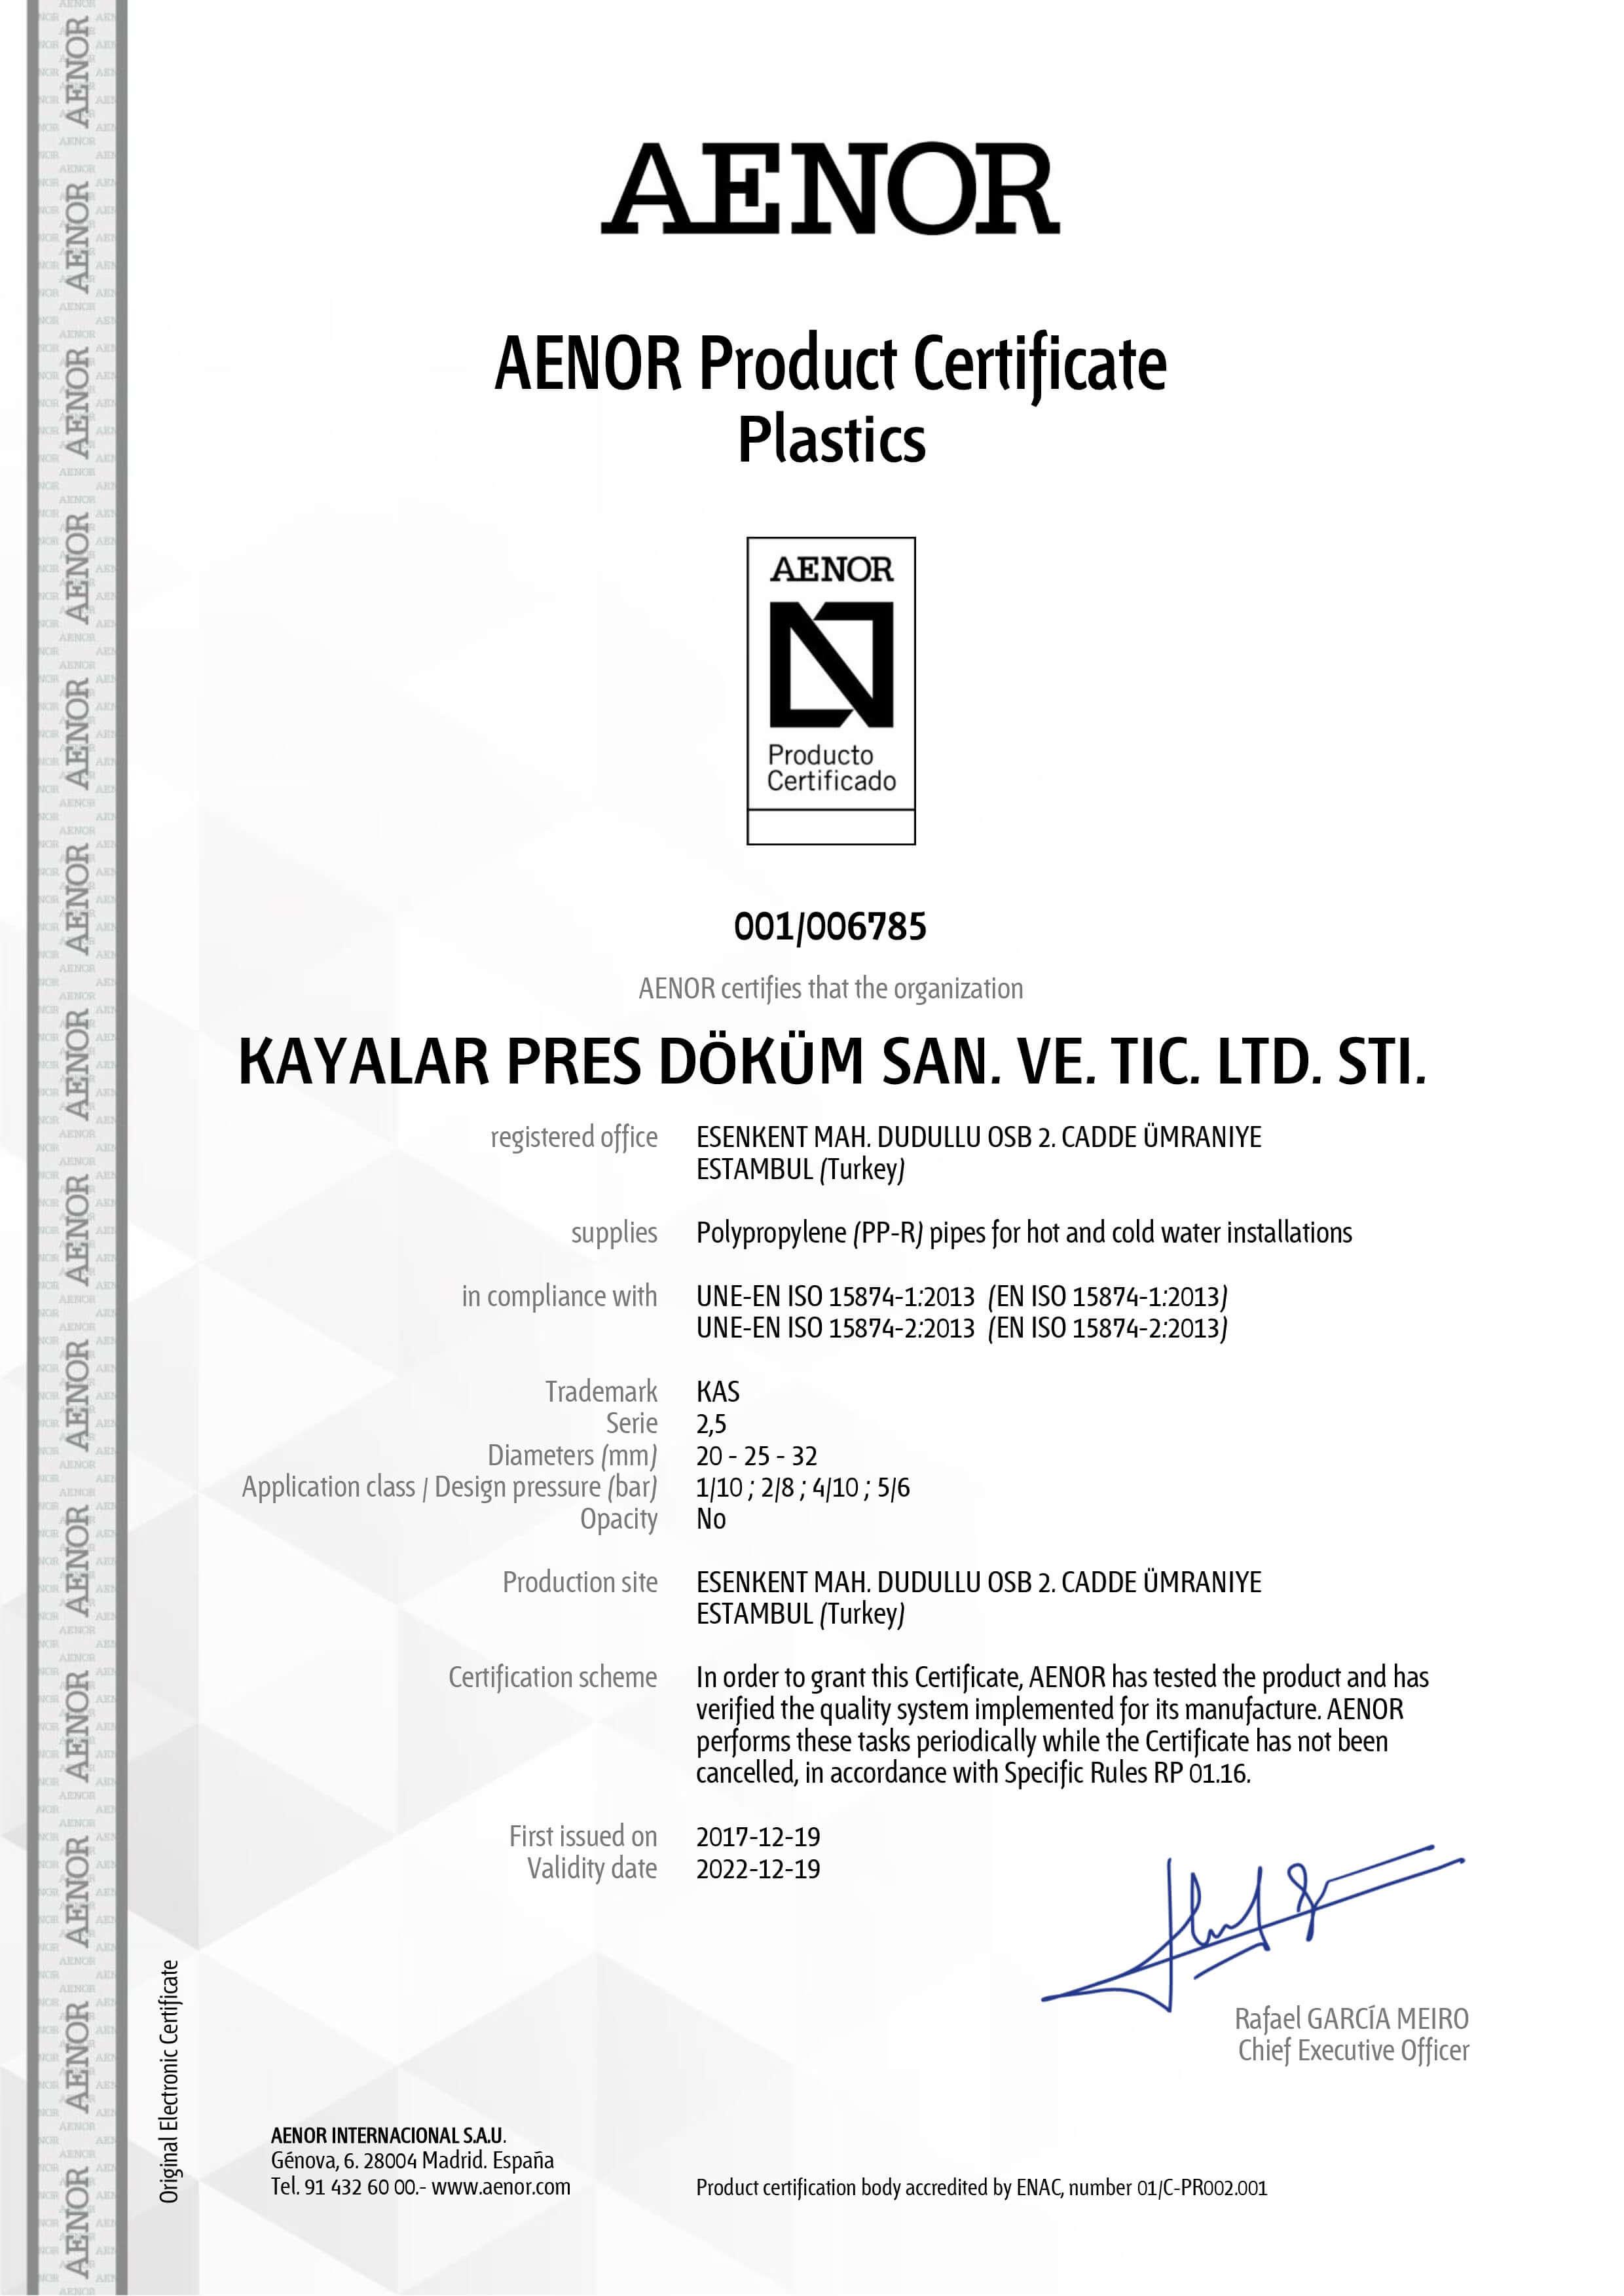 AENOR Product Certificate Plastics